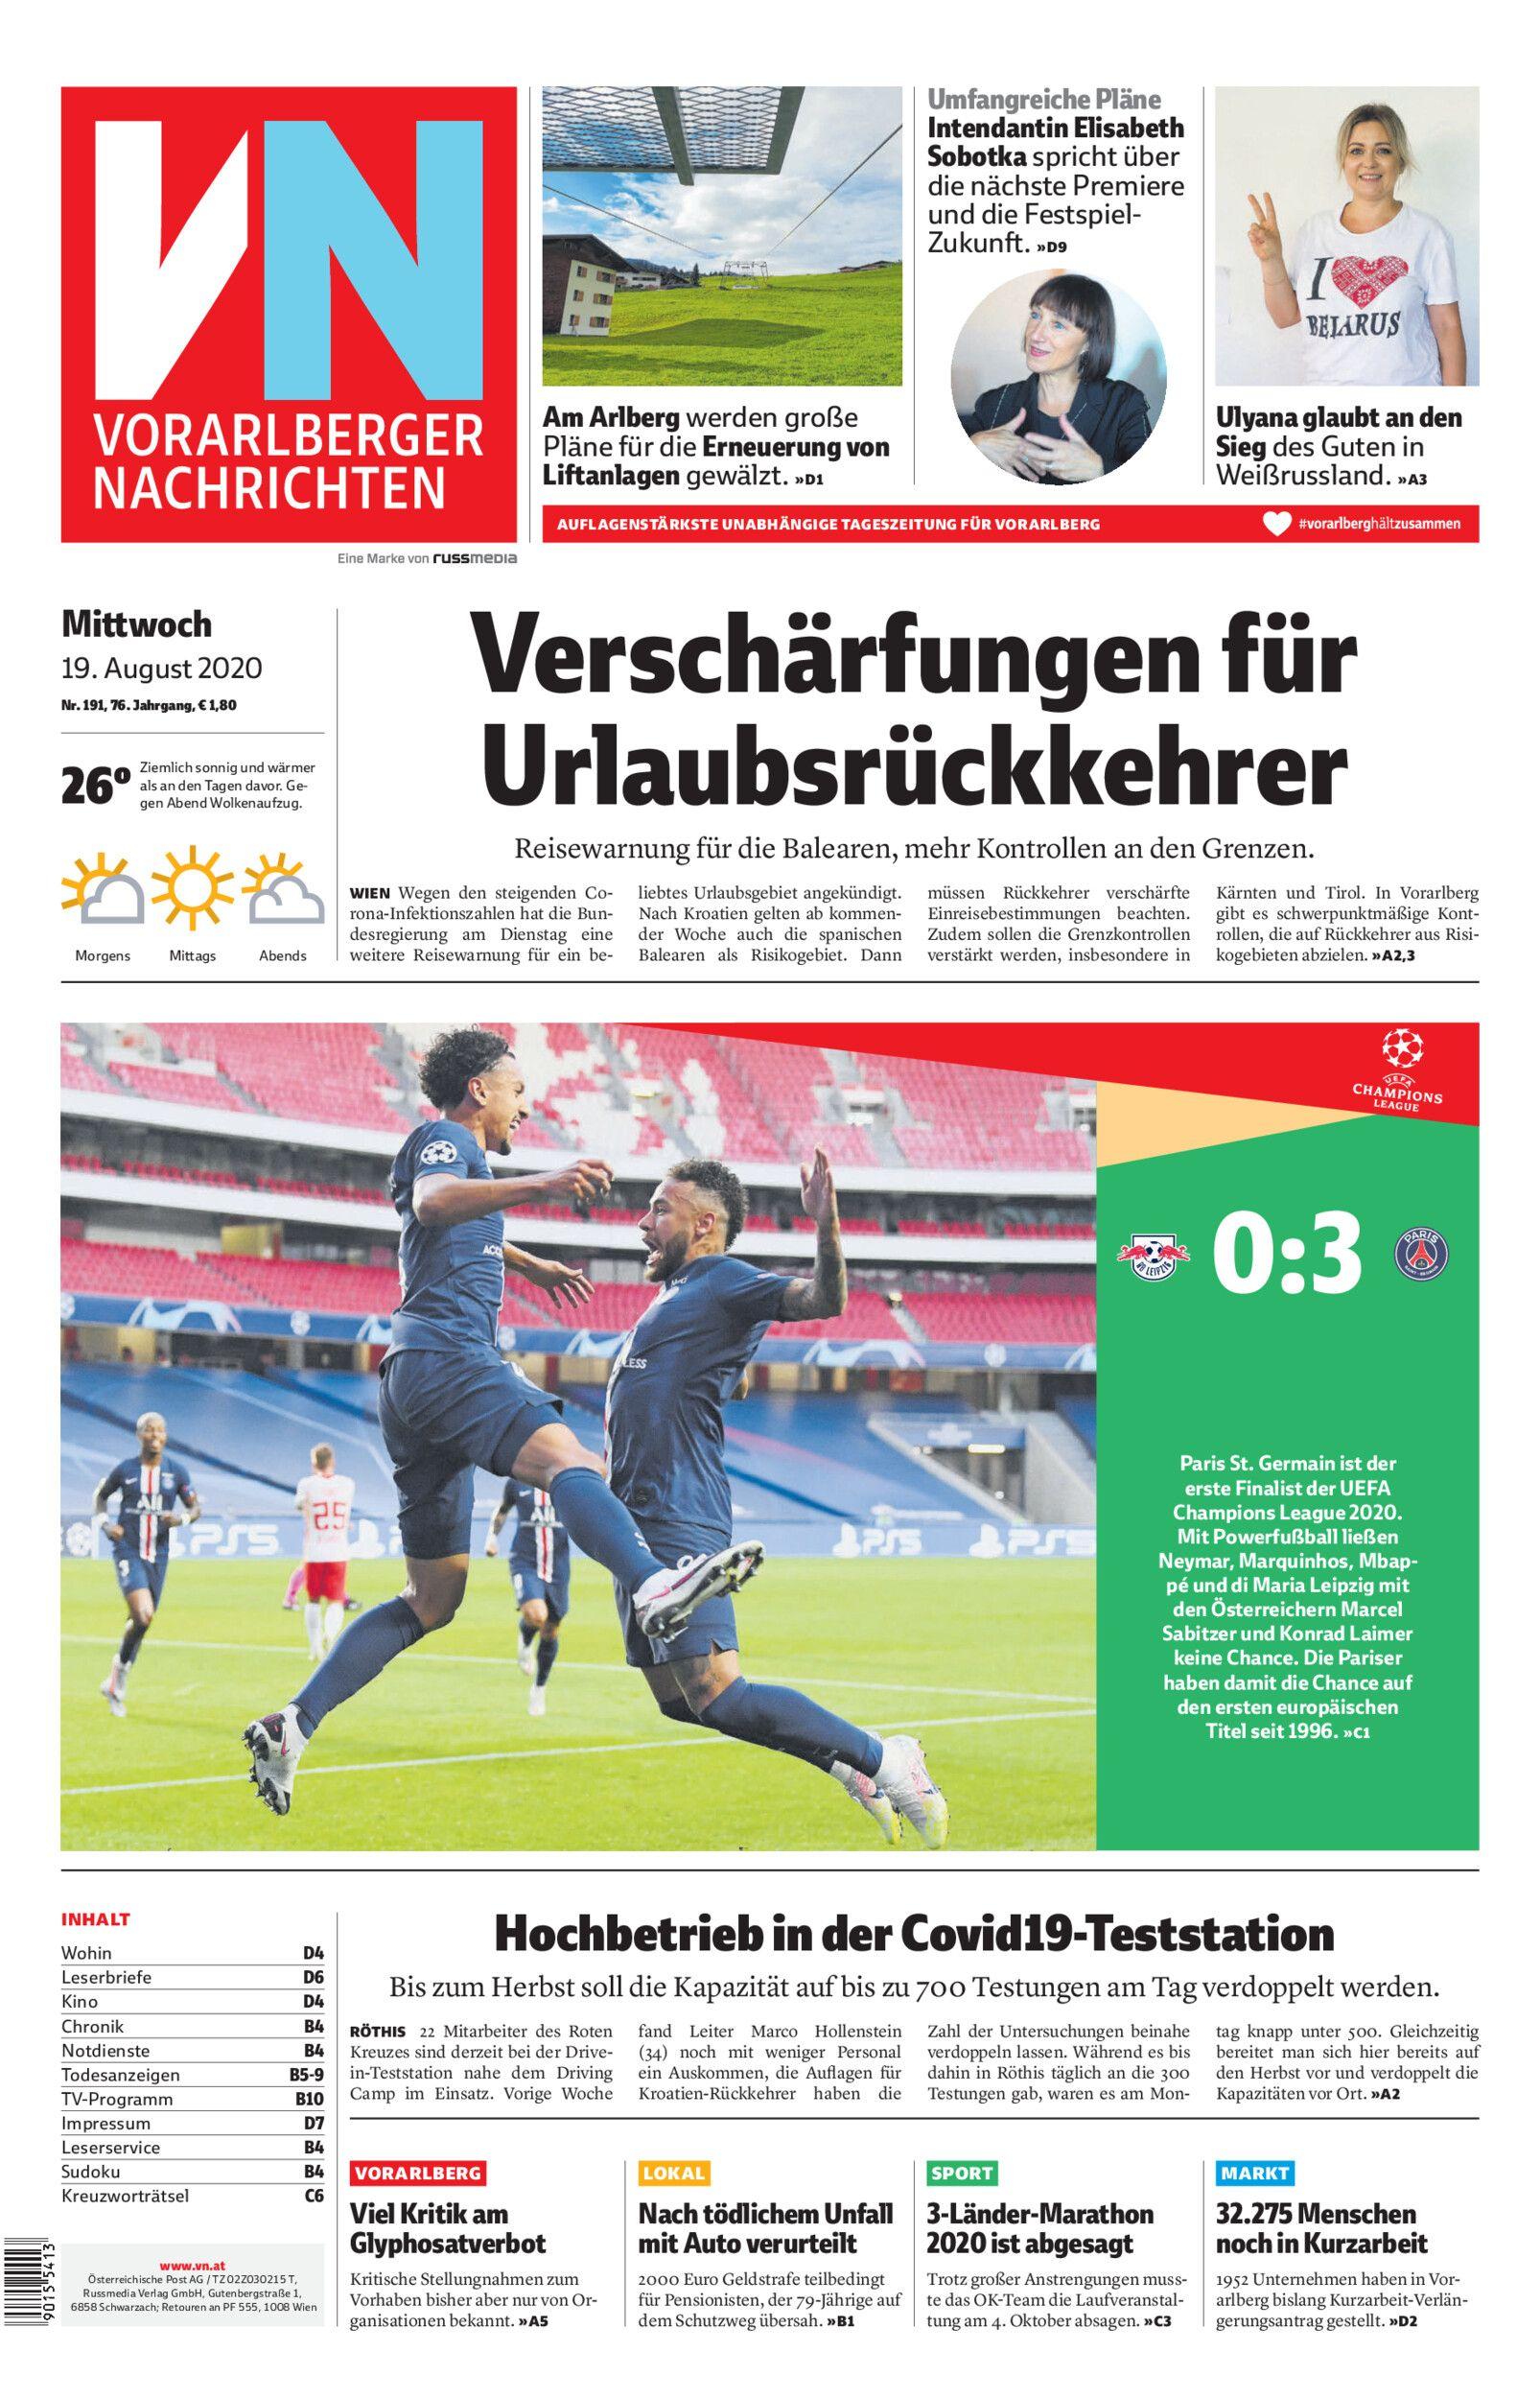 Vorarlberger Nachrichten   VN.AT Seite 623 von 3512